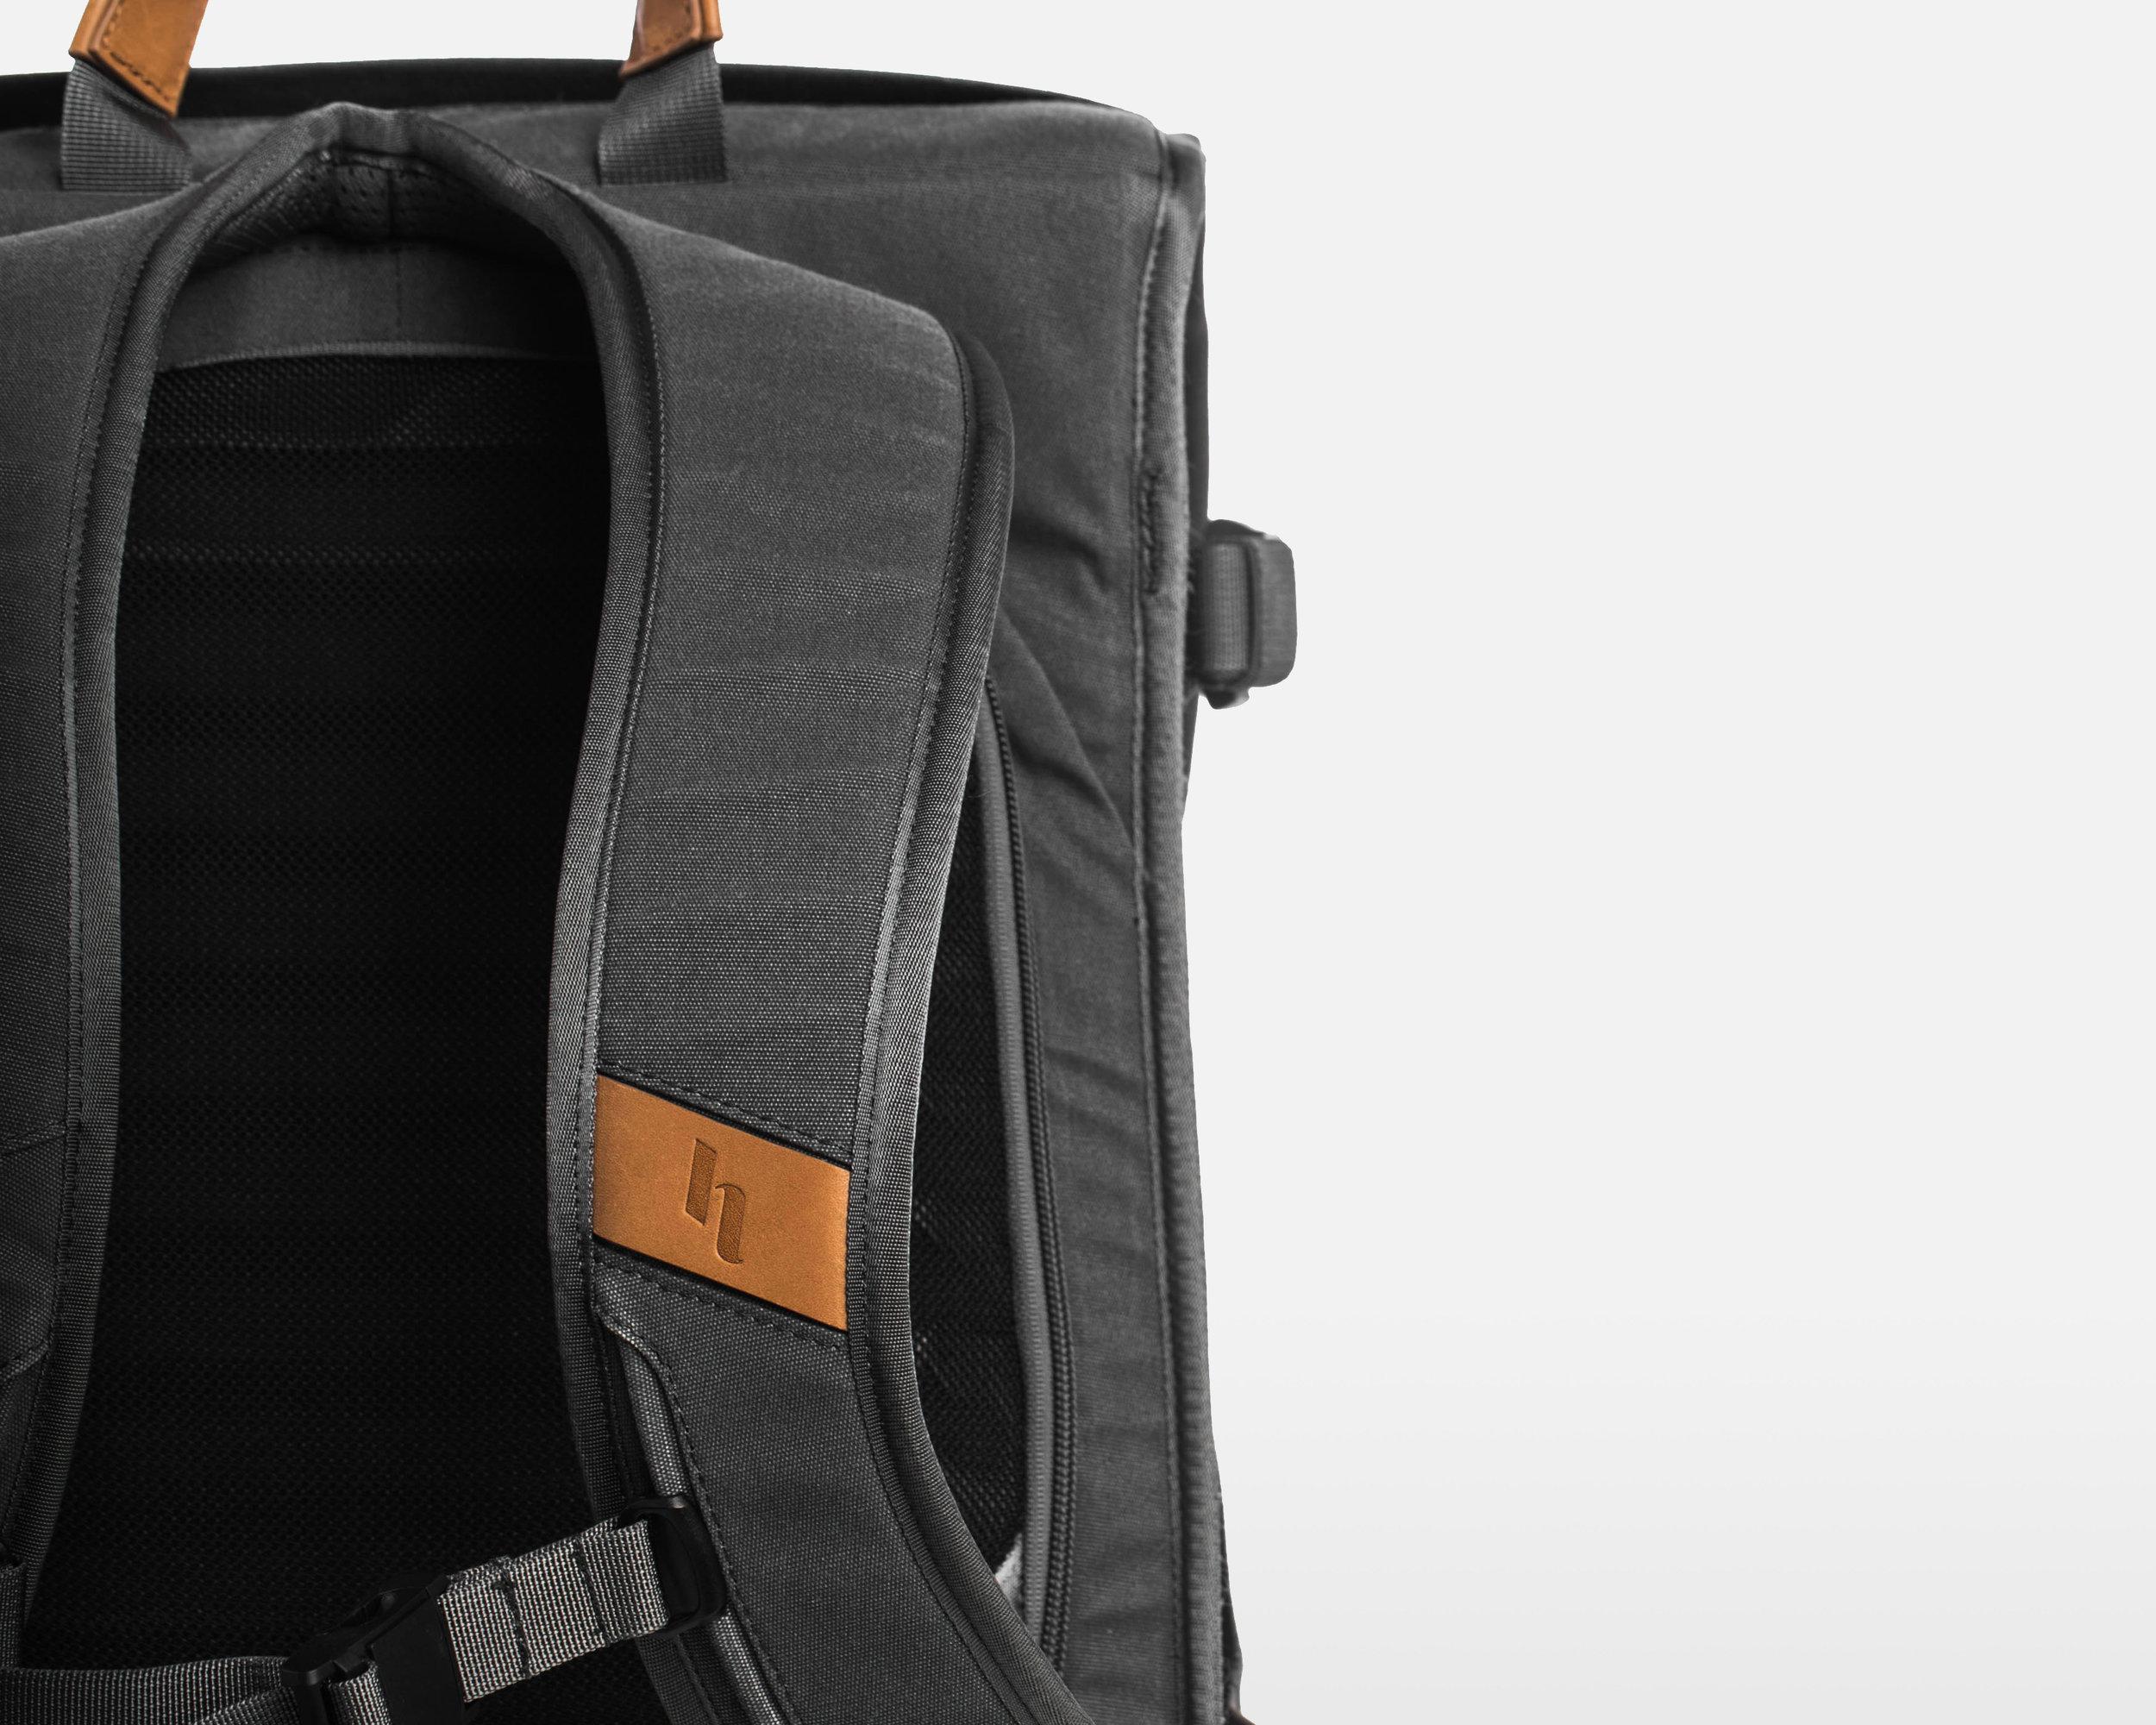 Holdland backpack detail front